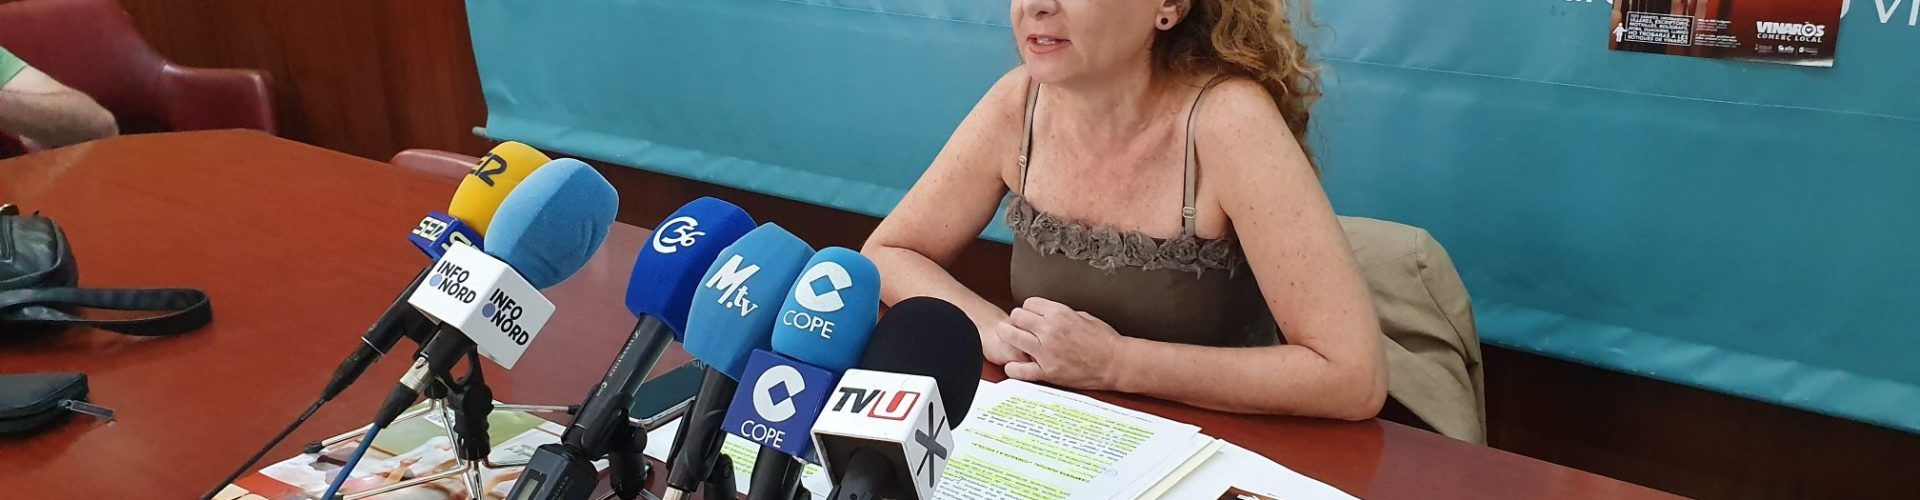 Roda de premsa de la regidora Anna Fibla